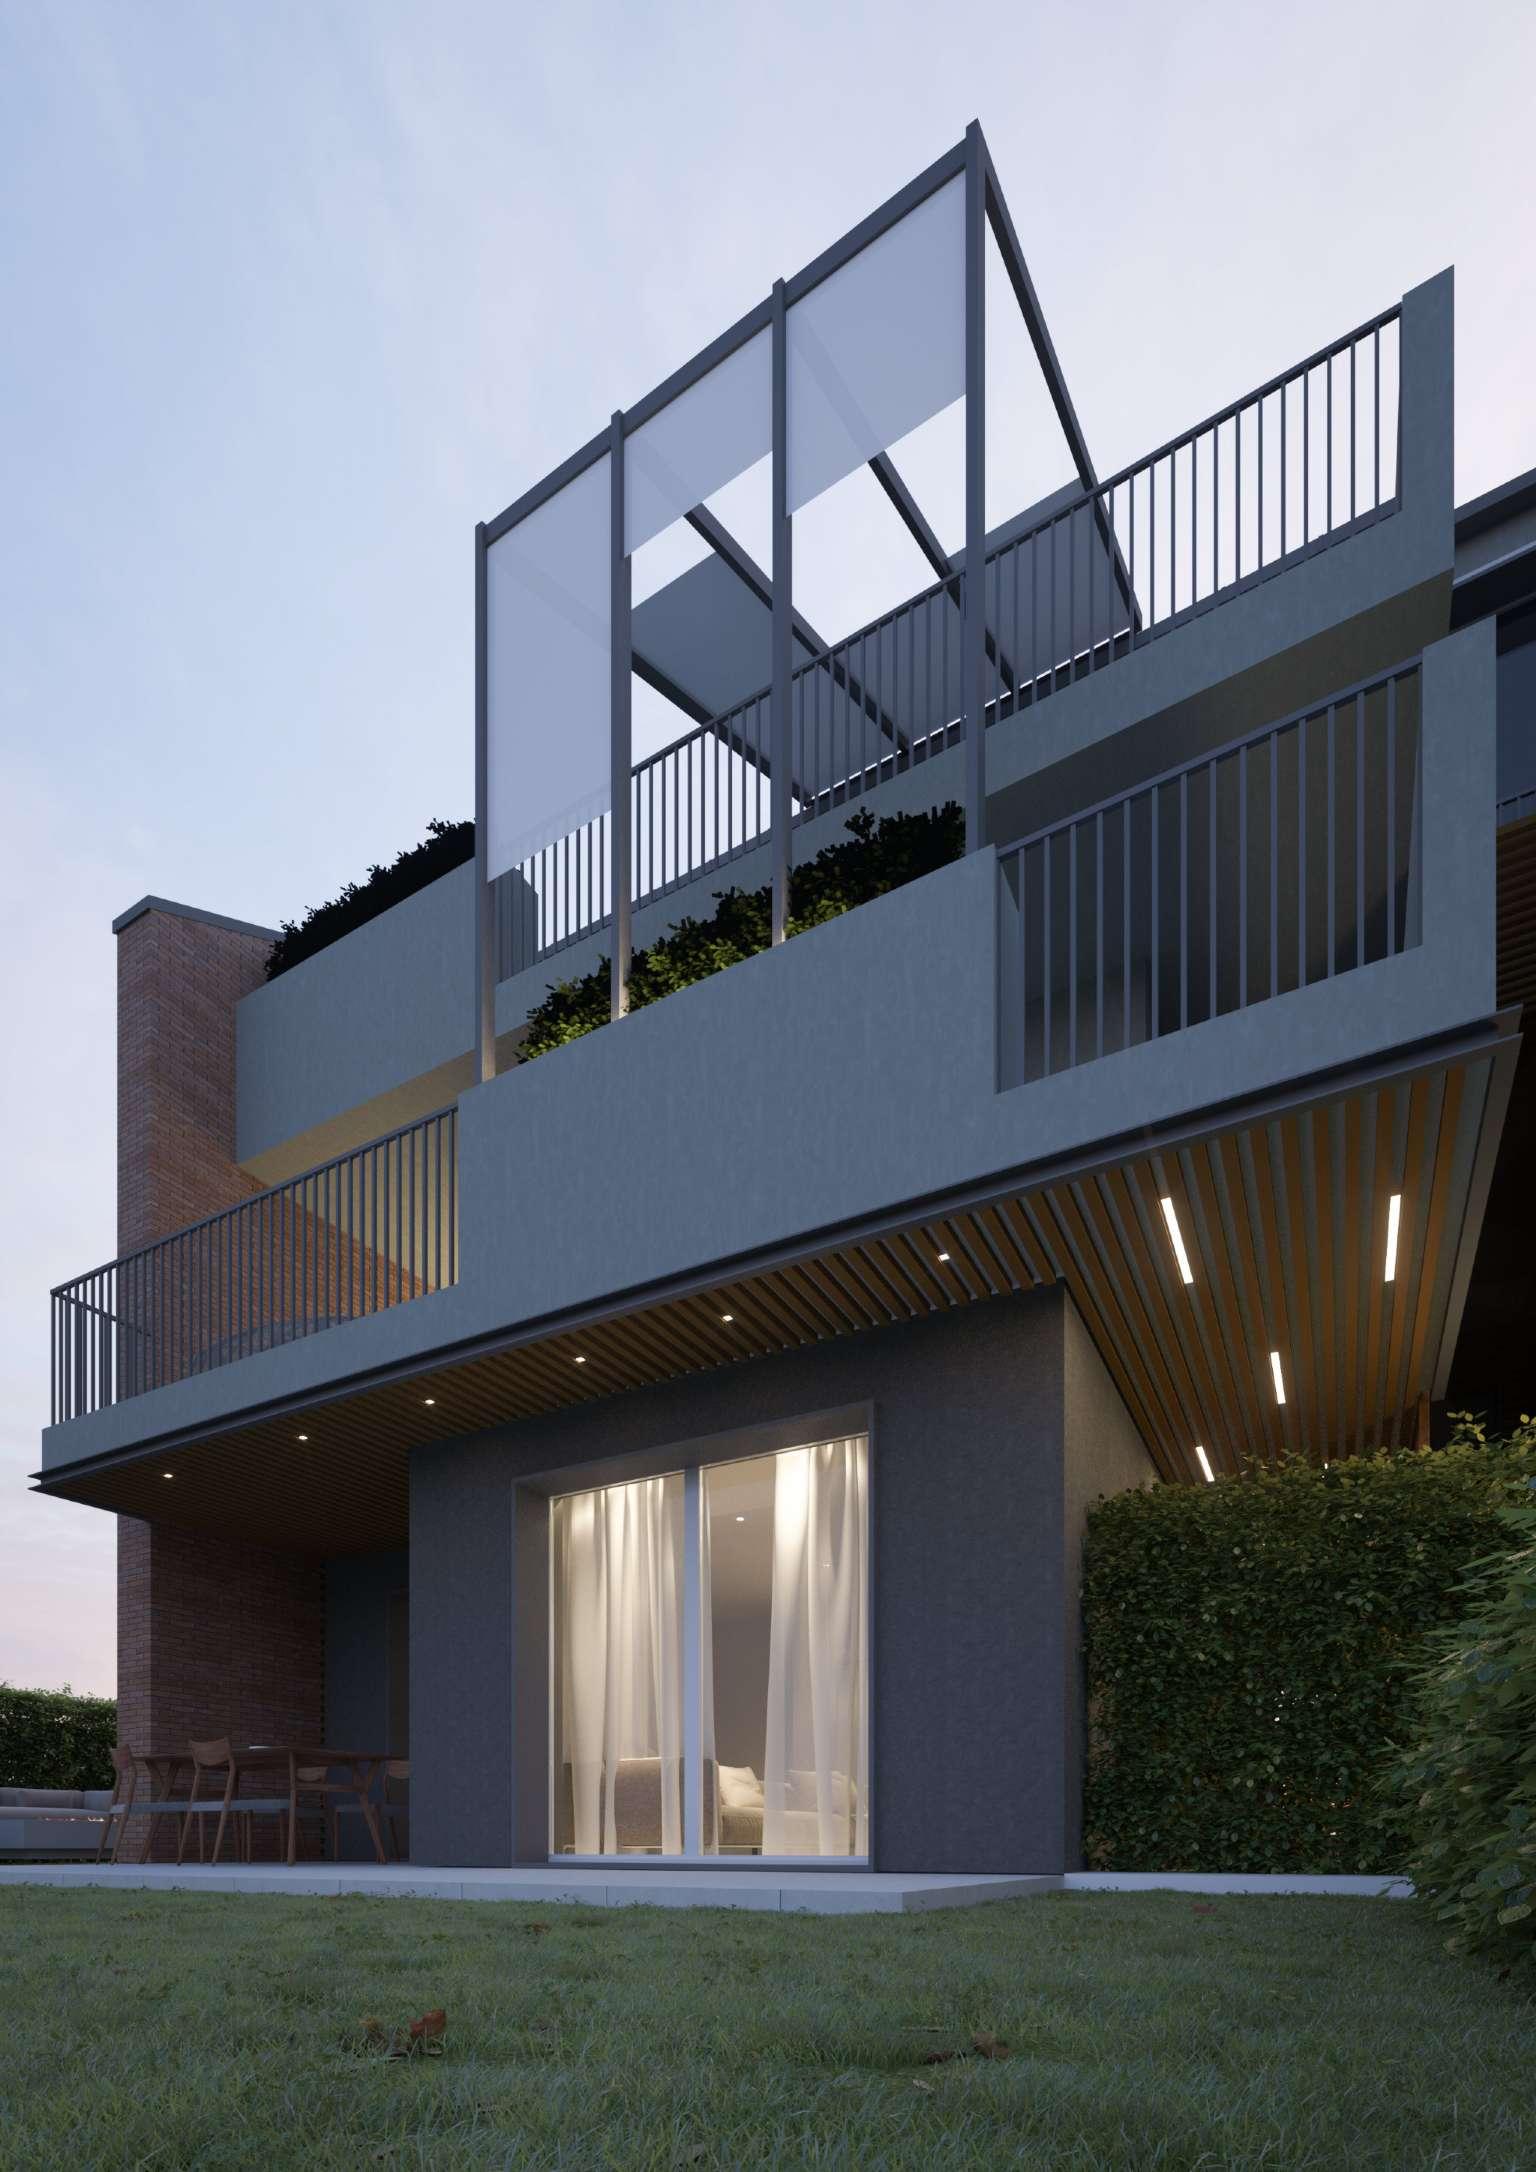 Appartamento in vendita a San Mauro Torinese, 4 locali, prezzo € 275.000 | PortaleAgenzieImmobiliari.it